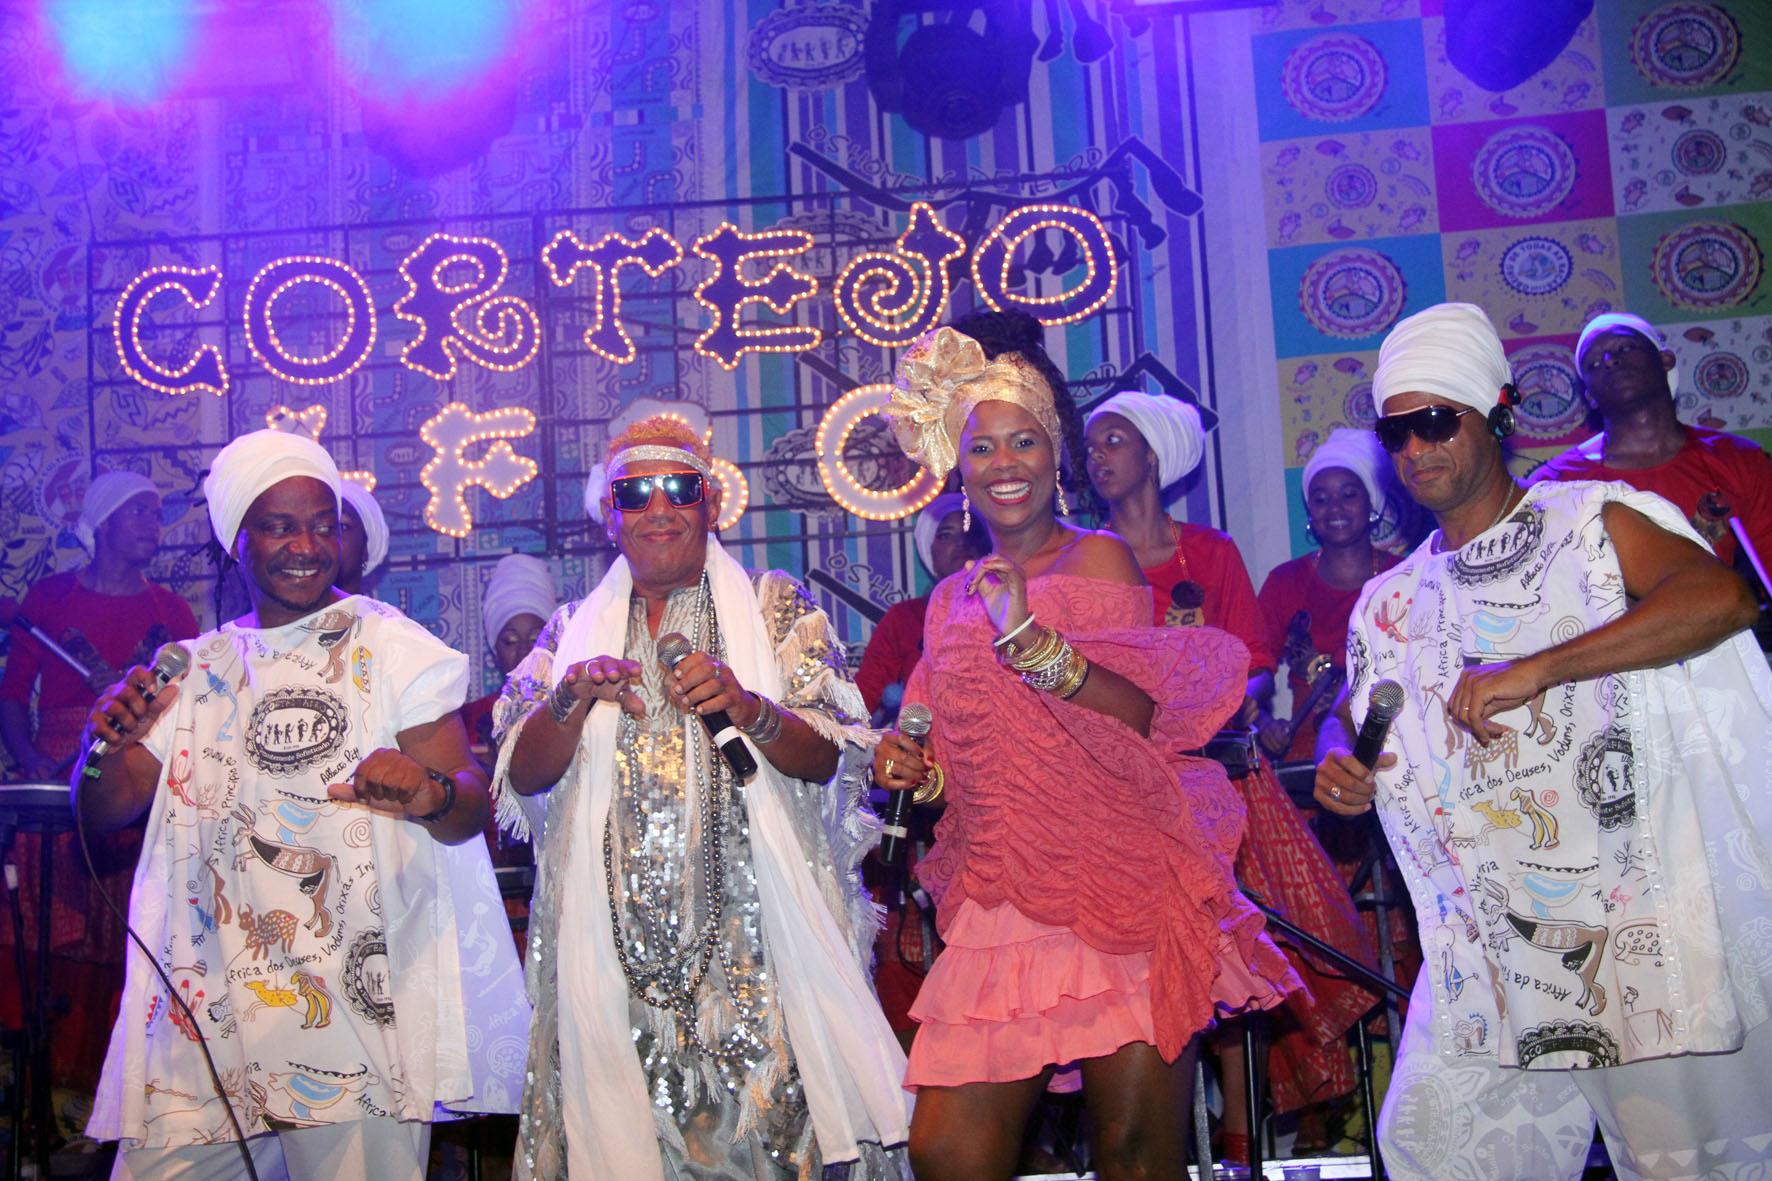 A Banda Cortejo Afro embala as noites de segunda na capital. Foto Edgar de Souza/Divulgação